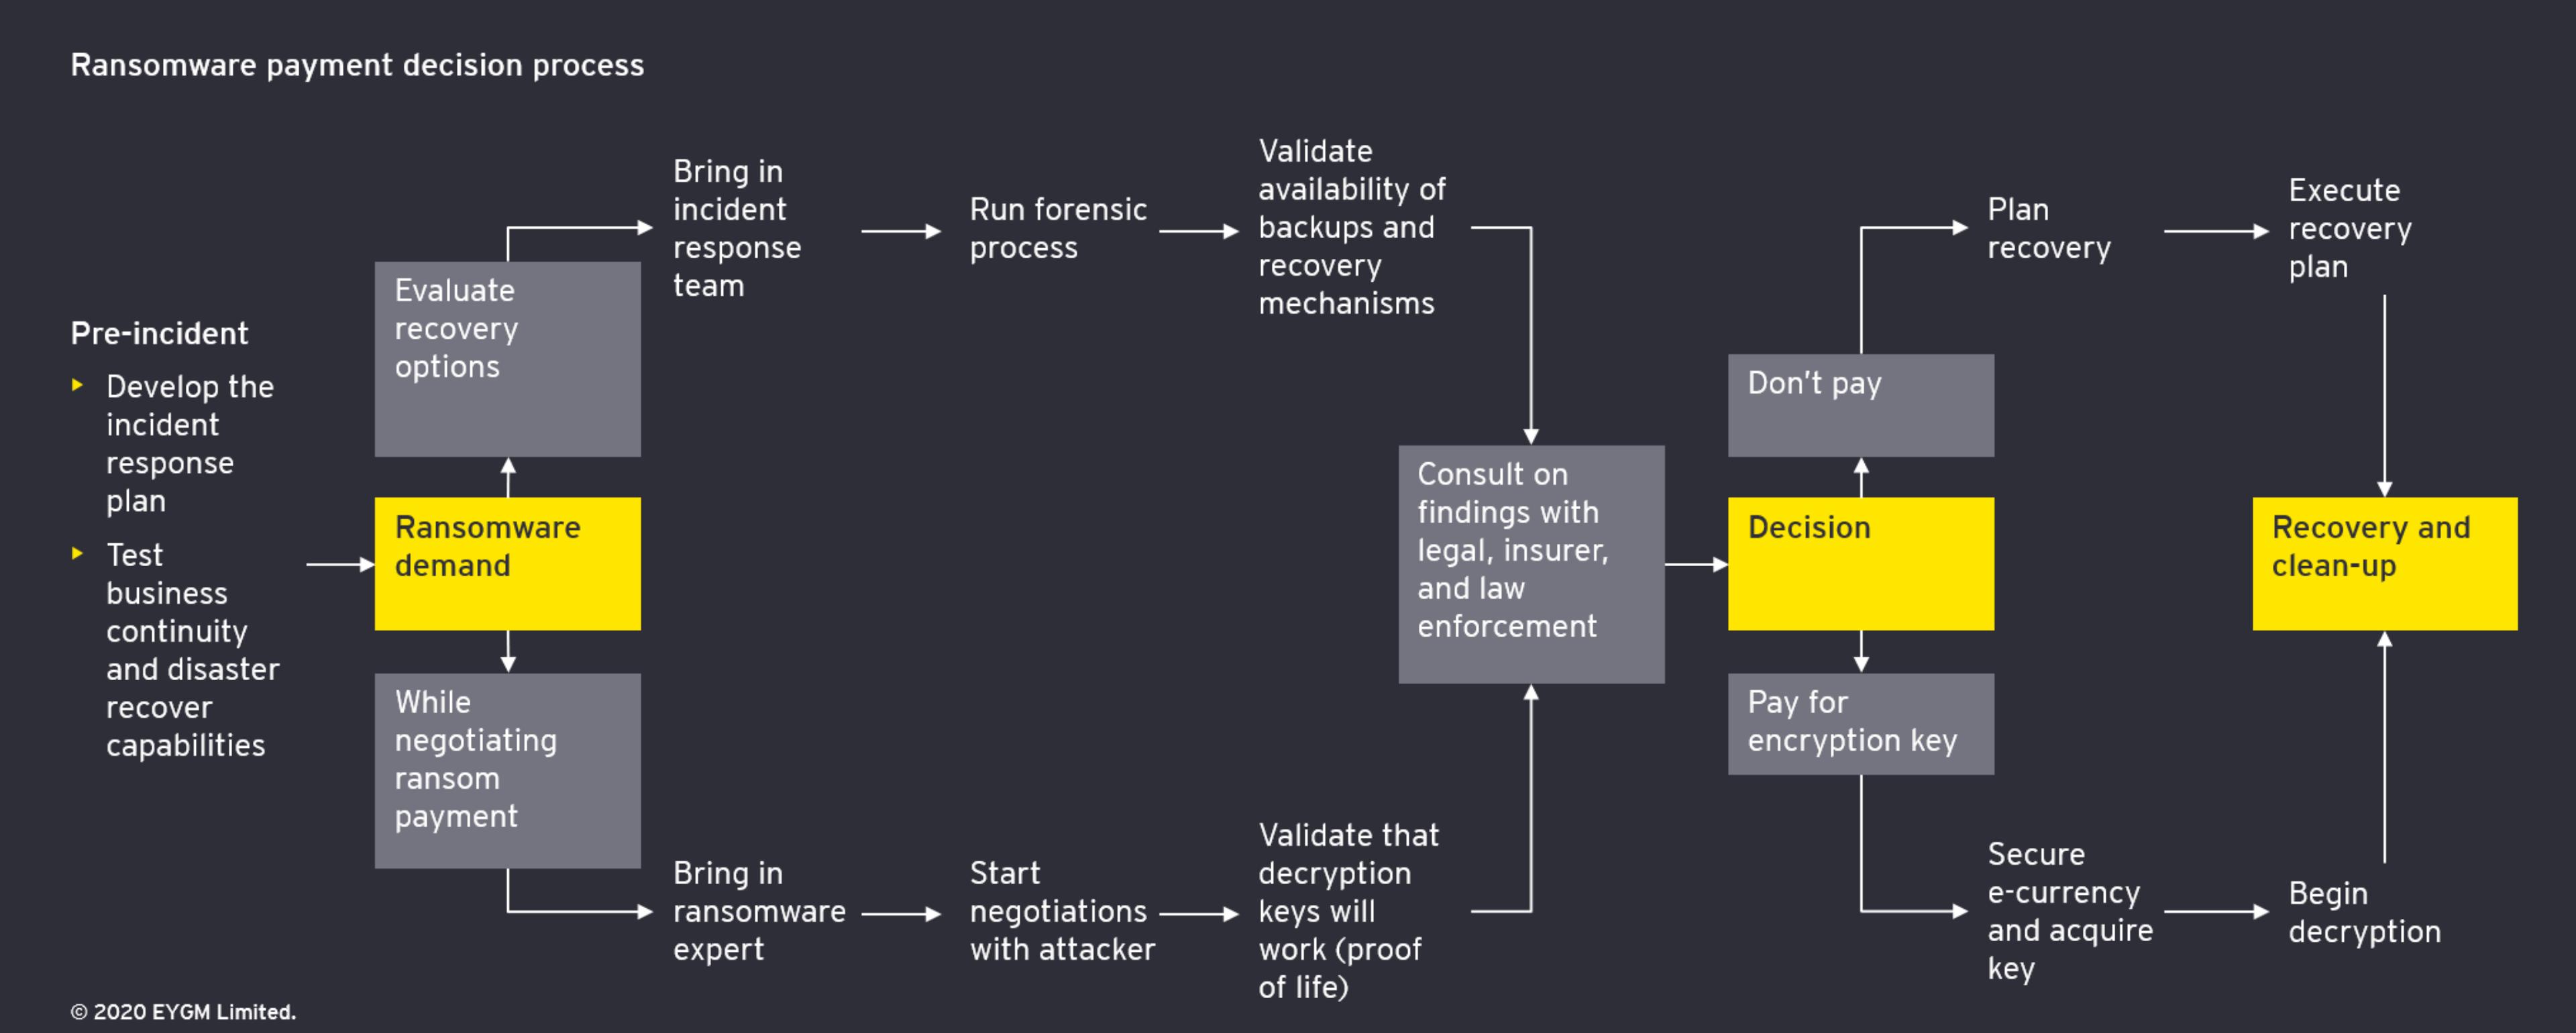 Ransomware payment decision flowchart